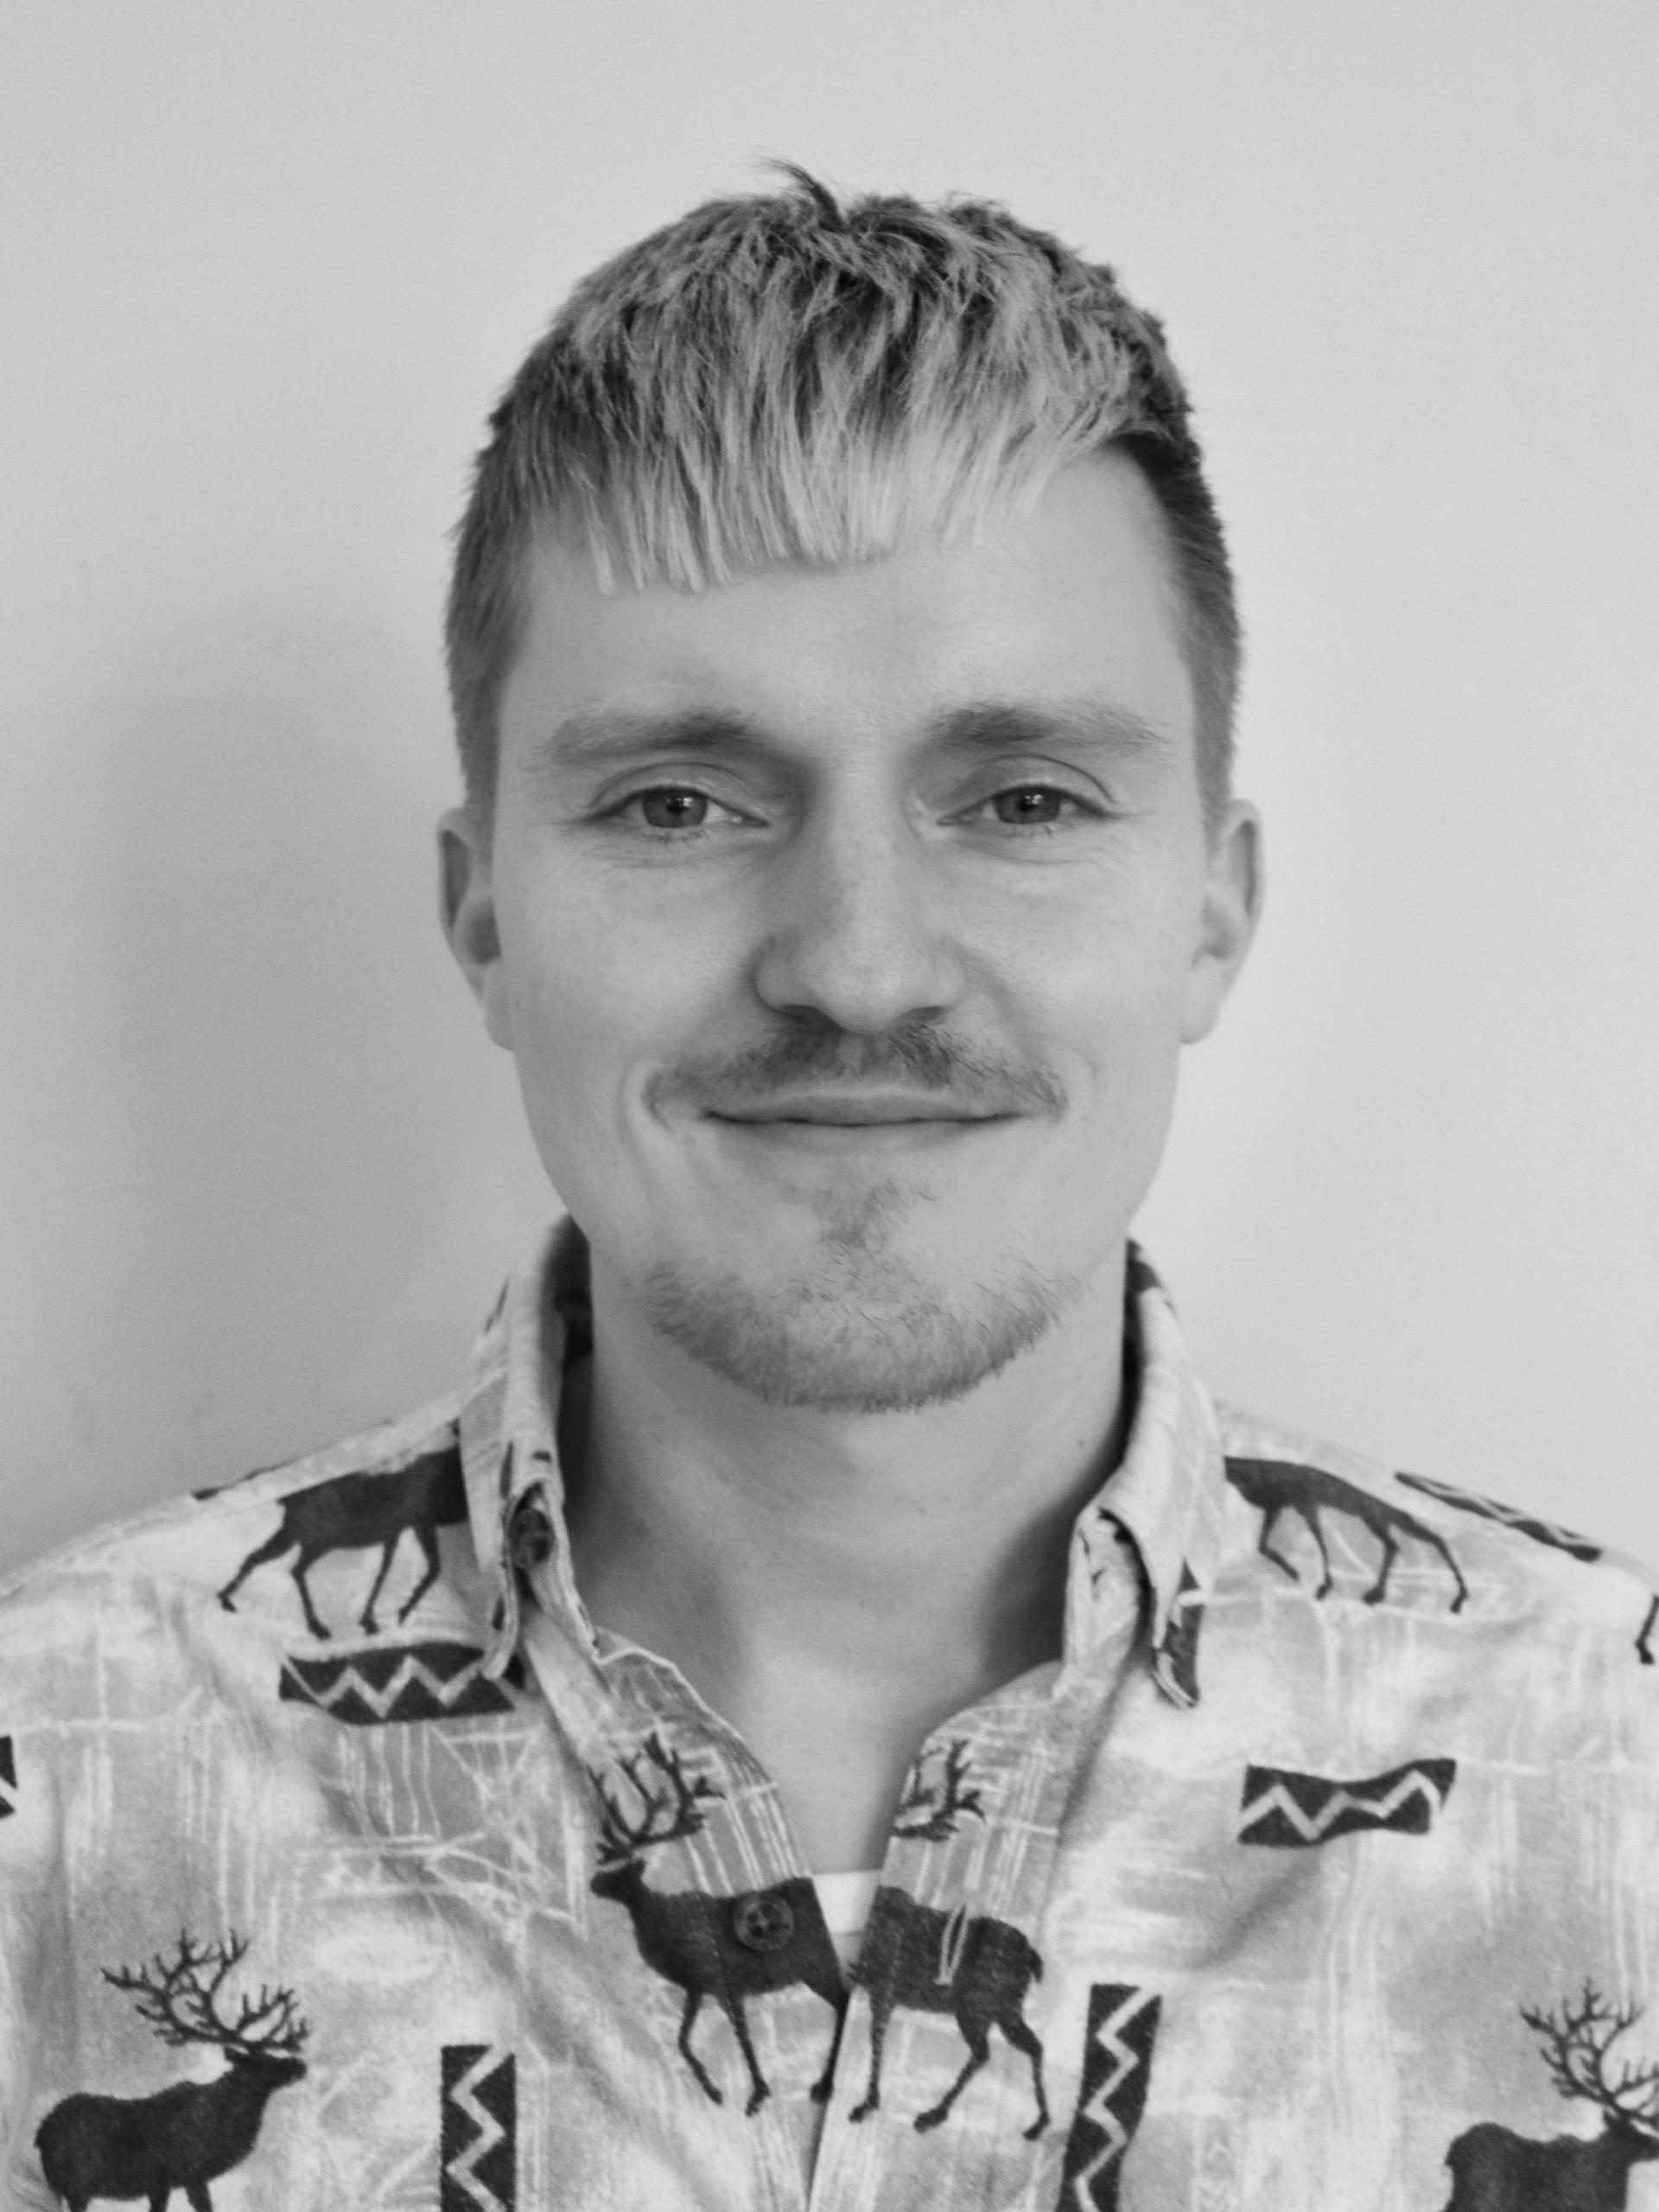 Christoph Gogler